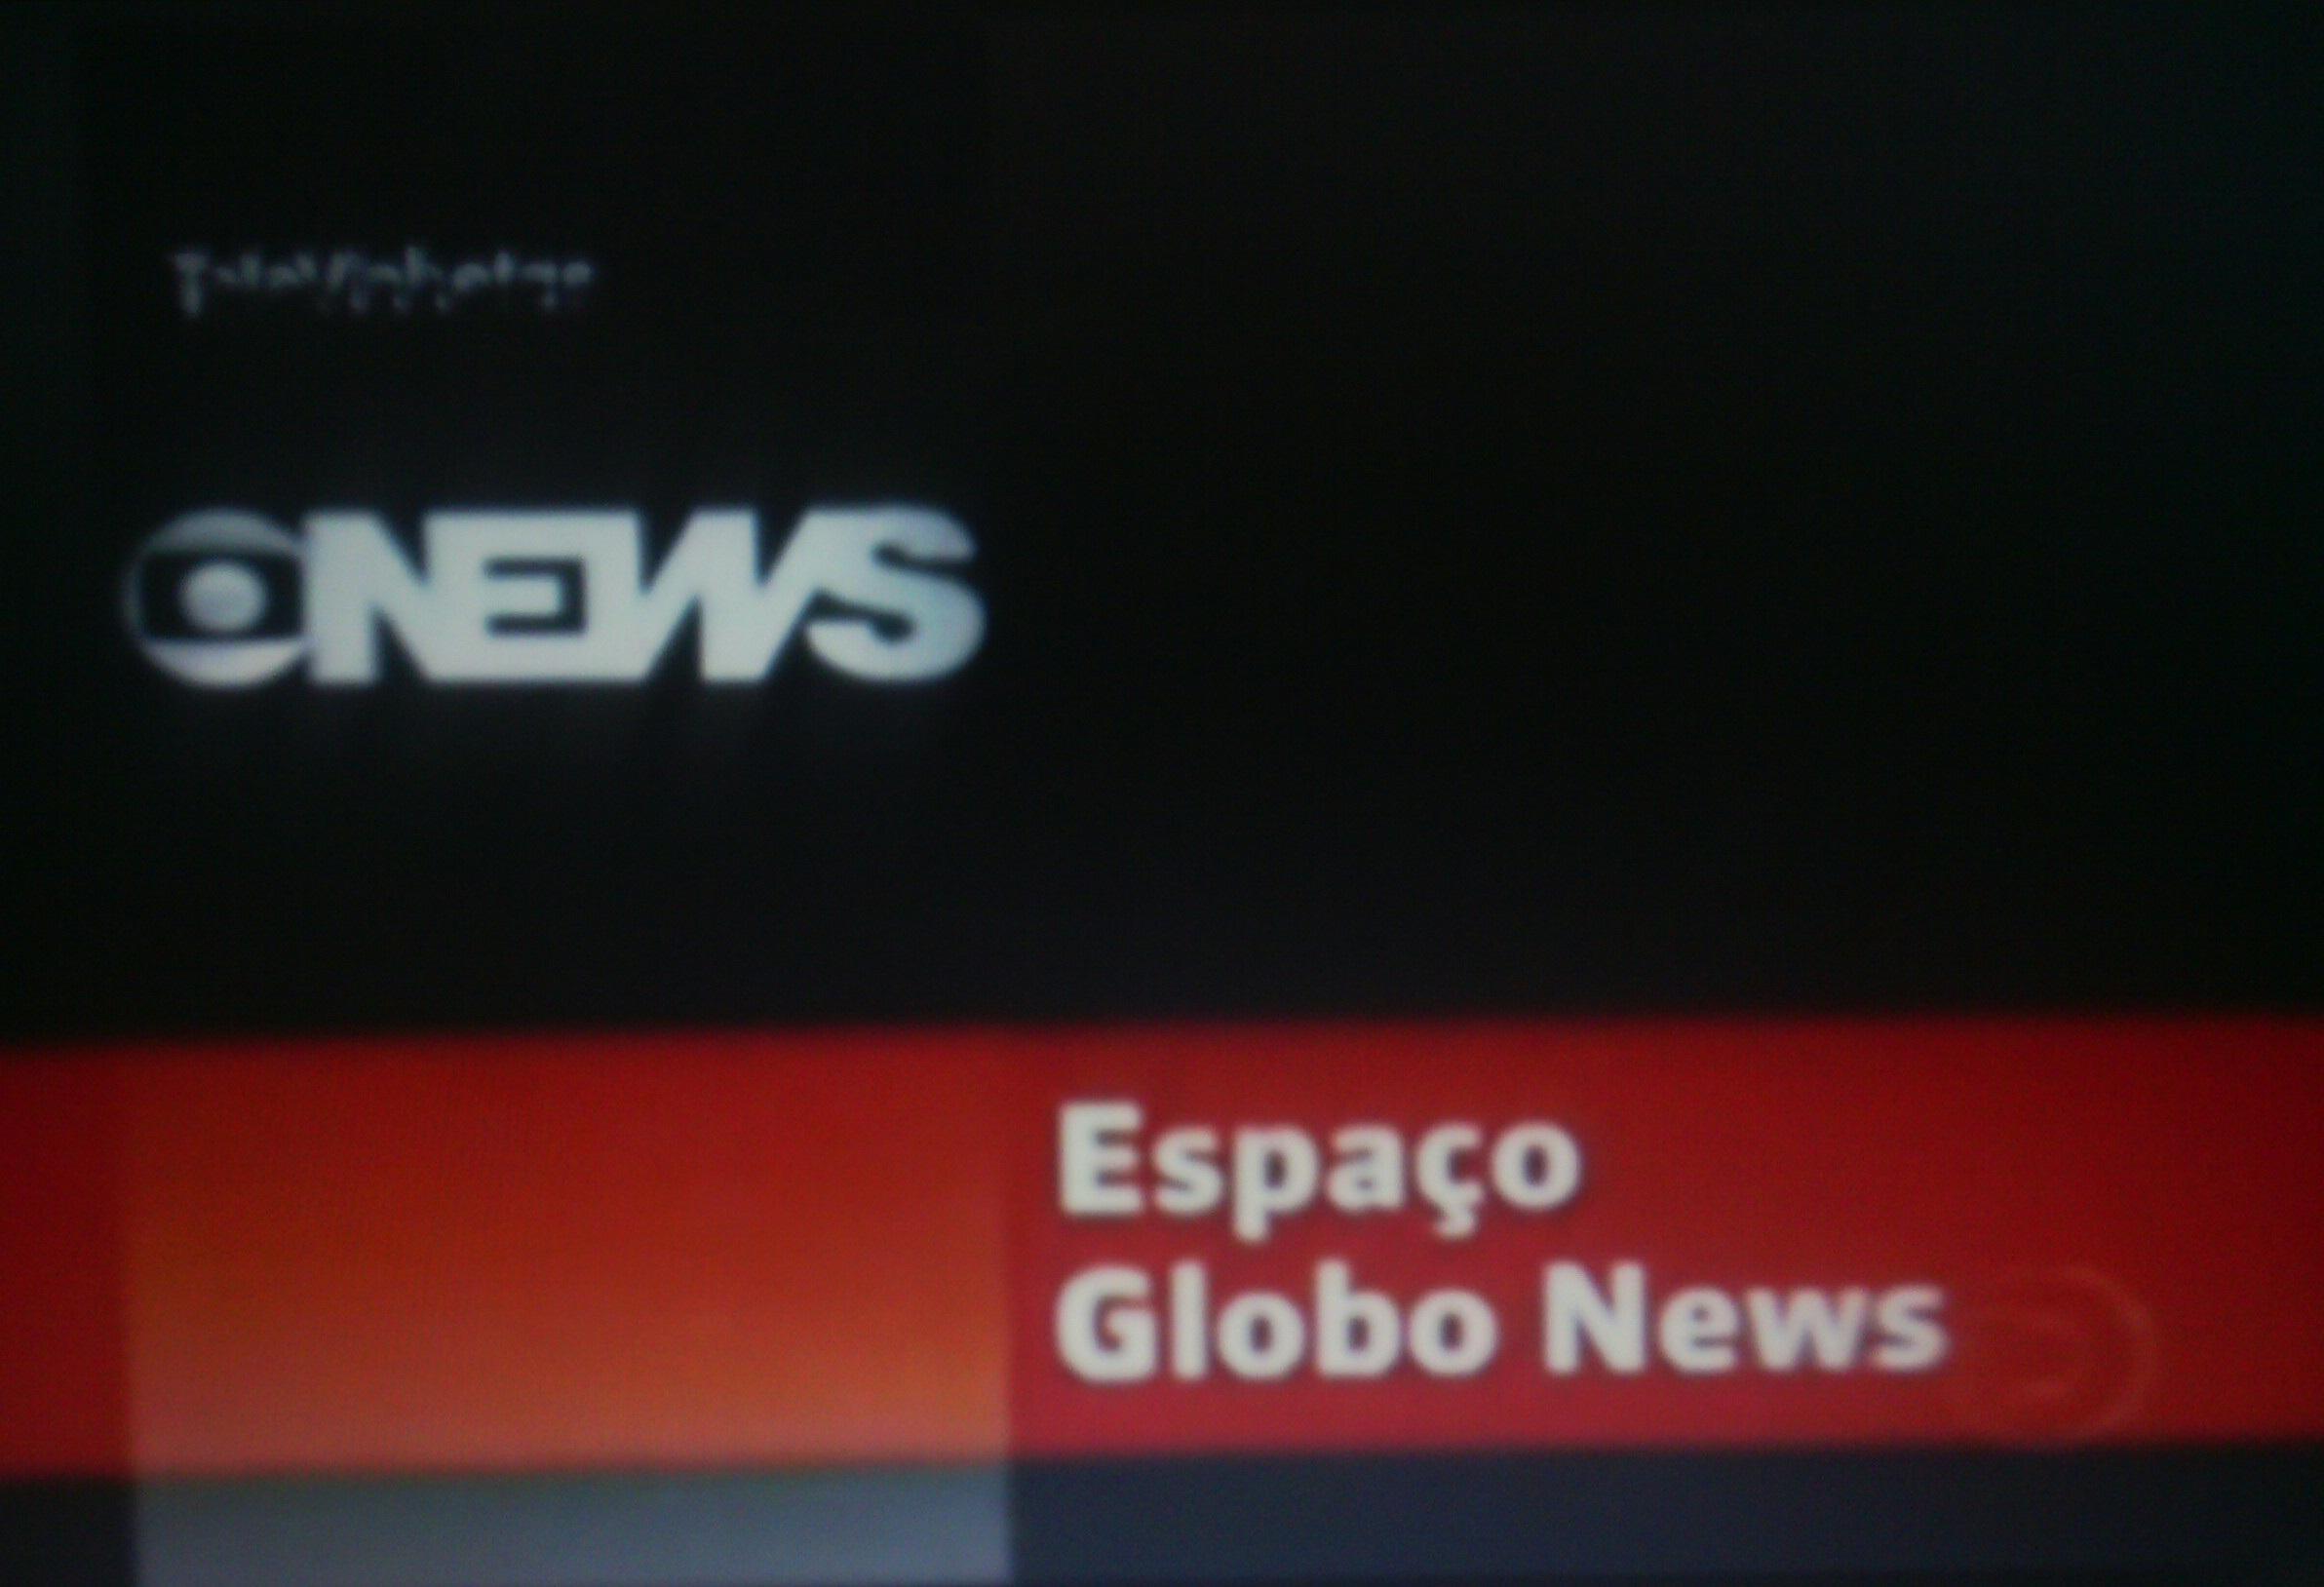 Espaço GloboNews